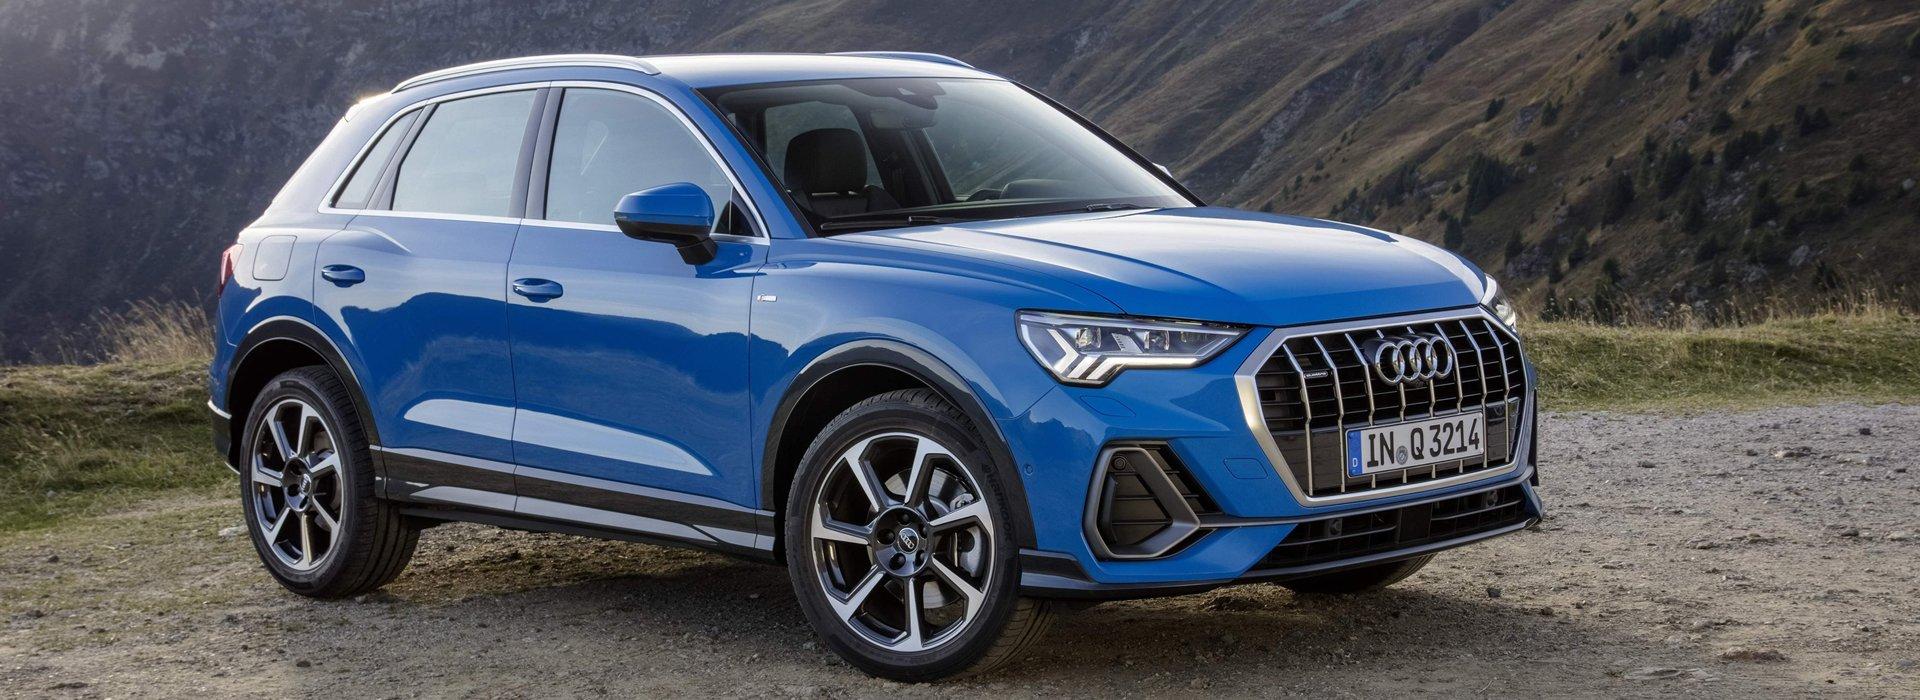 Audi-programok a Kékszalagon